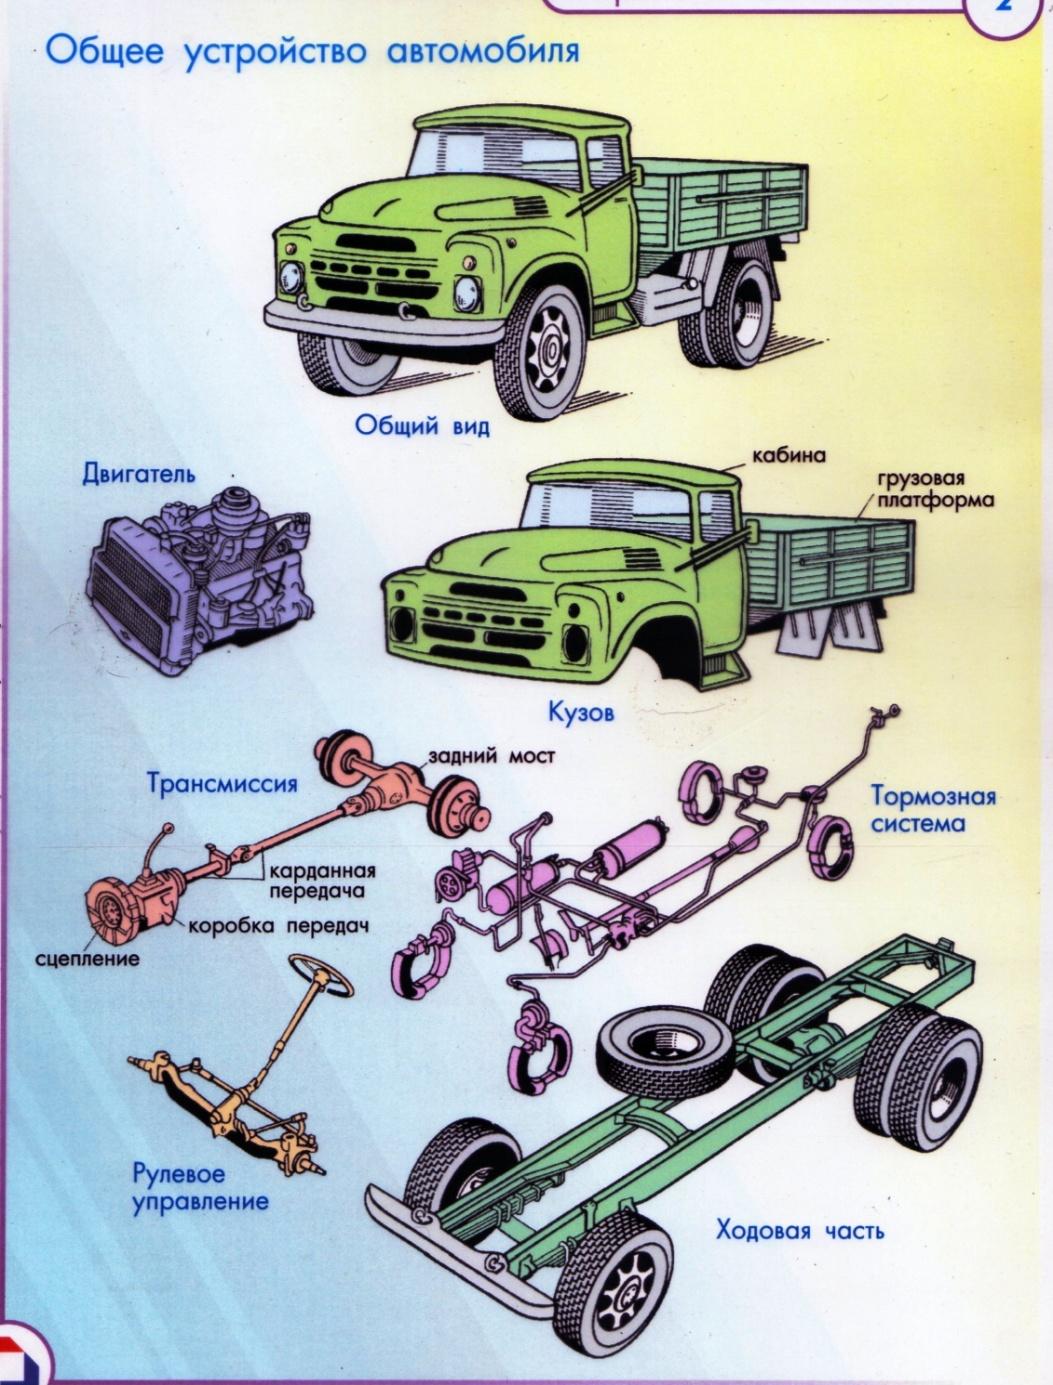 его строение автомобиля для начинающих в картинках главных направлений производства